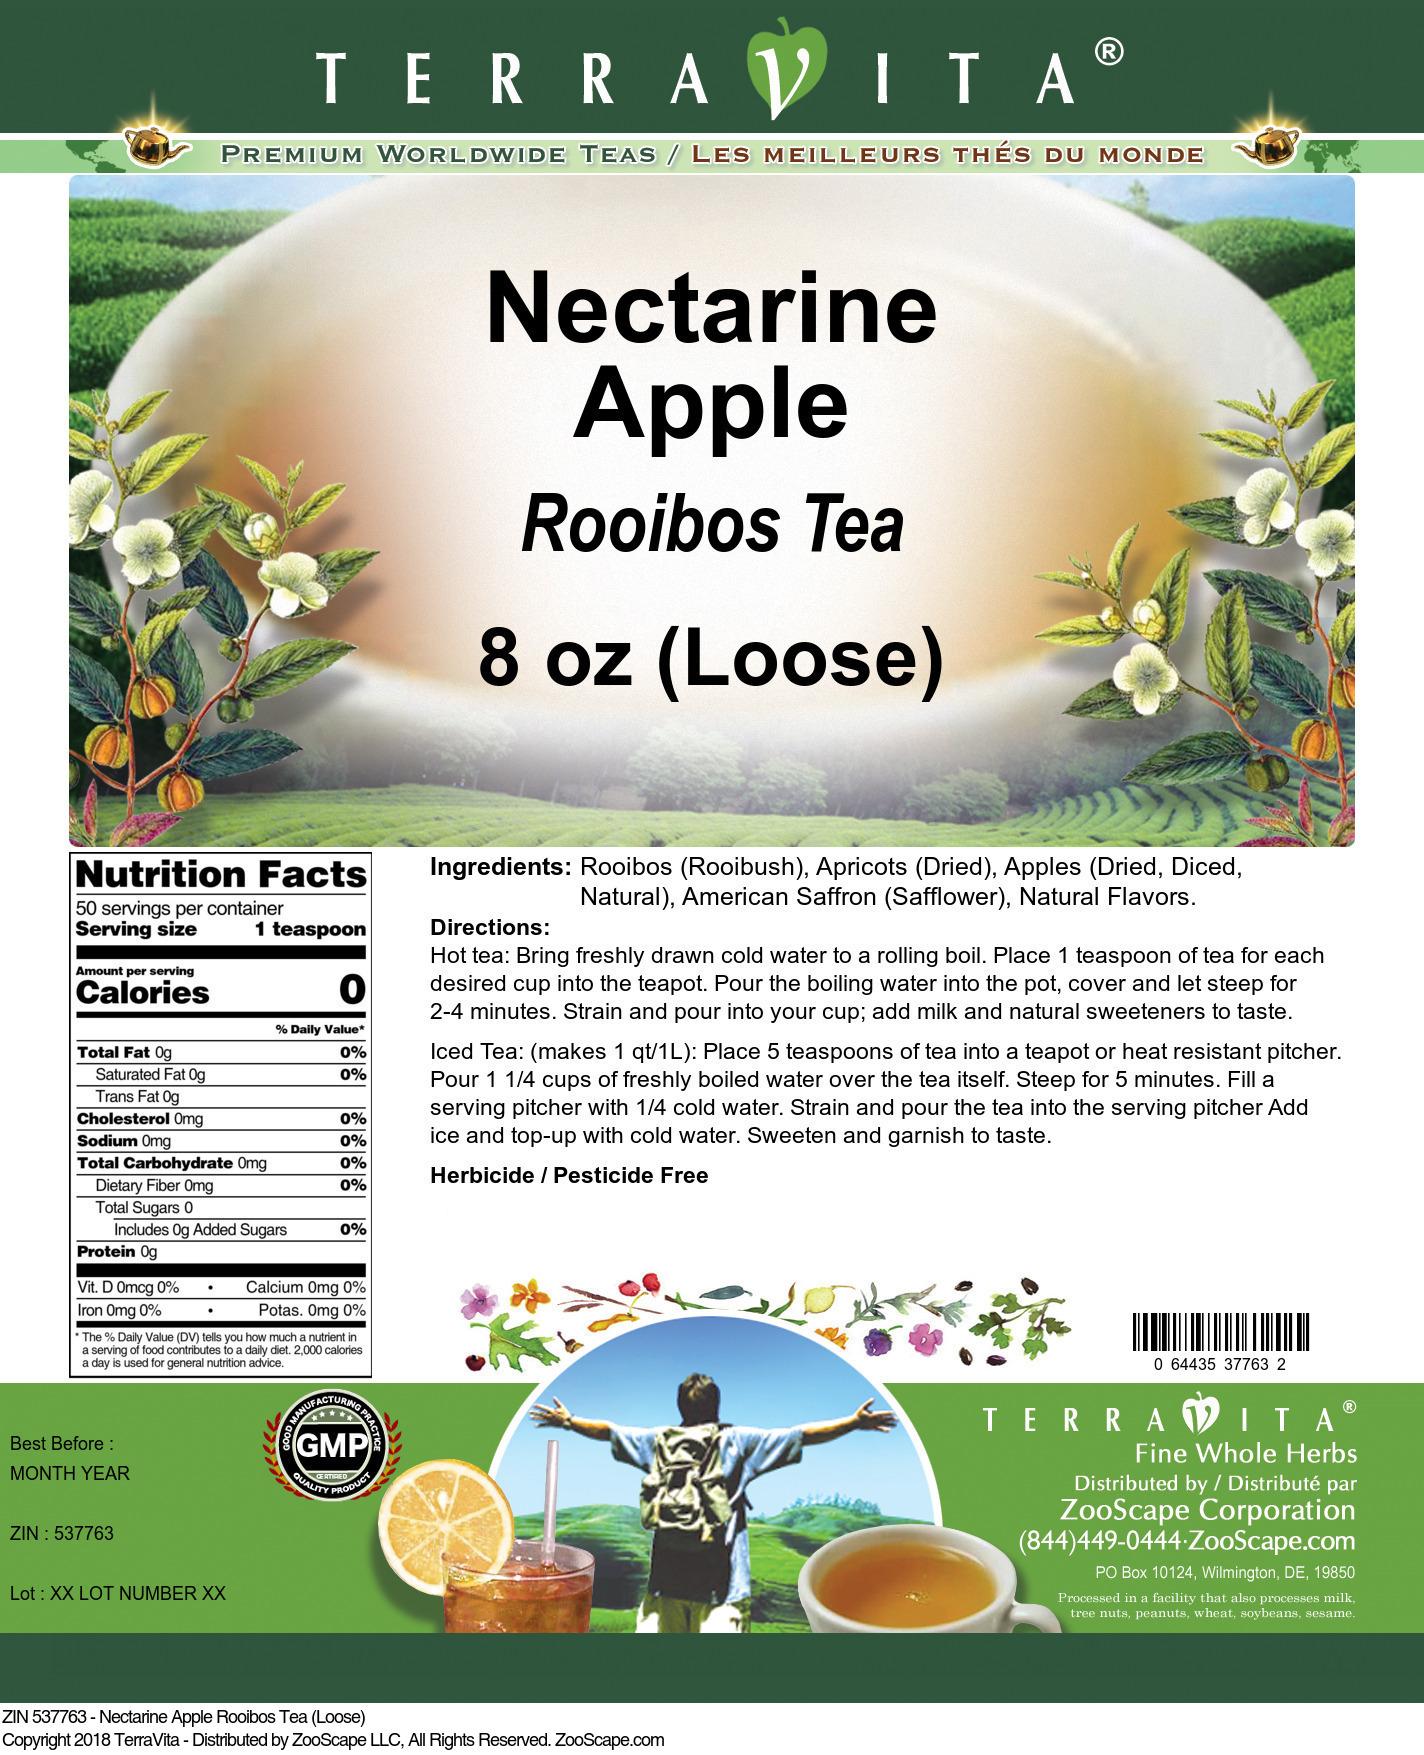 Nectarine Apple Rooibos Tea (Loose)